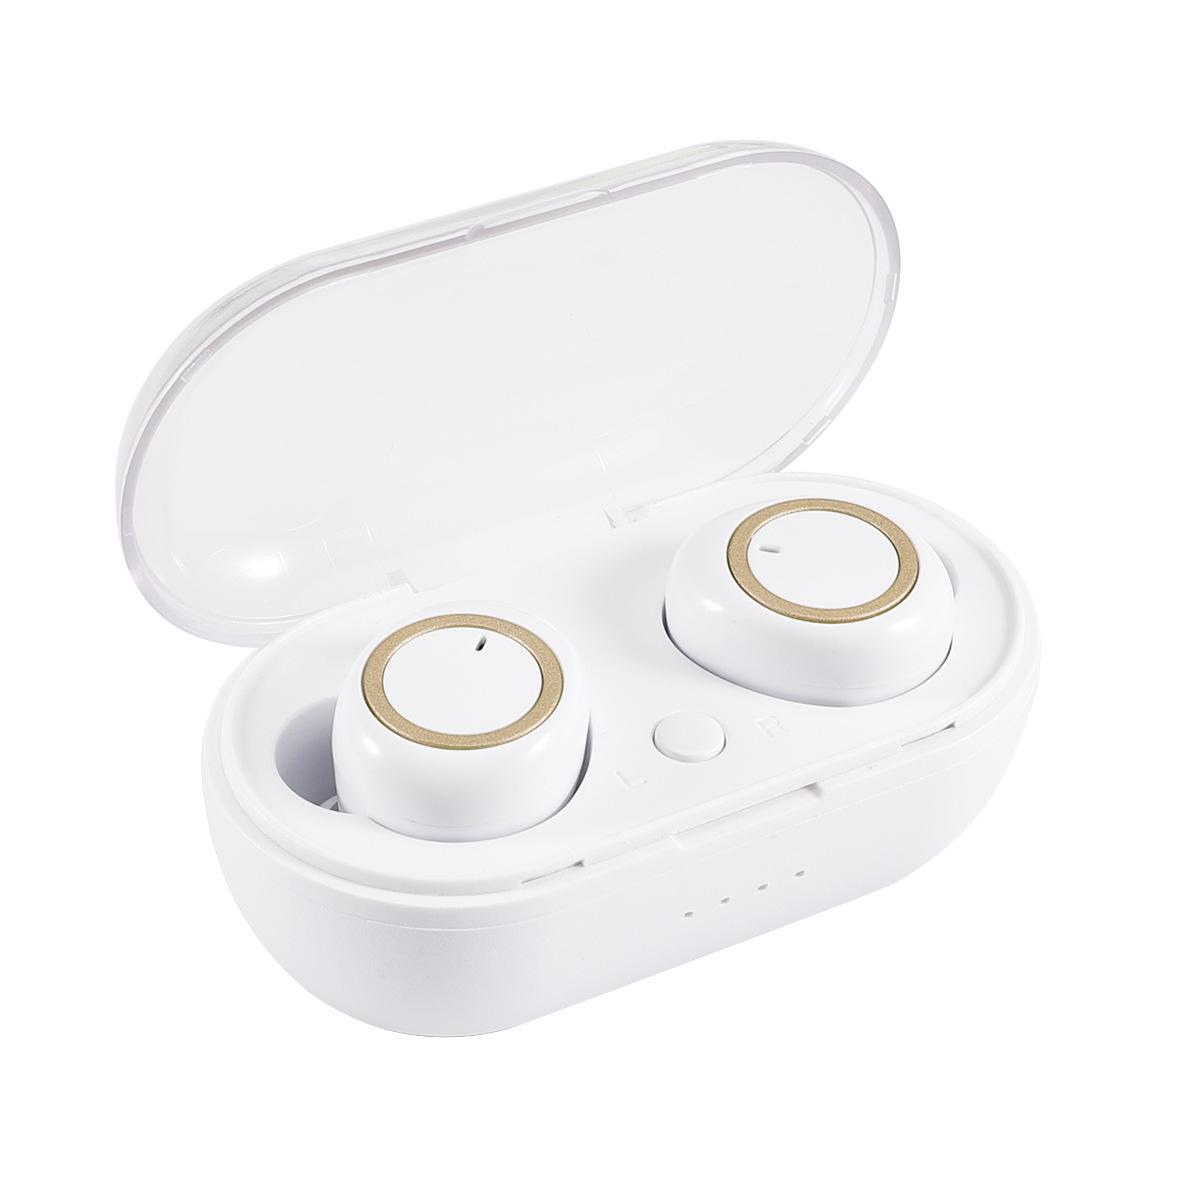 Wireless Headphones TWS Mini True Bluetooth 5.0 Stereo Earphones In-Ear Headset White gold